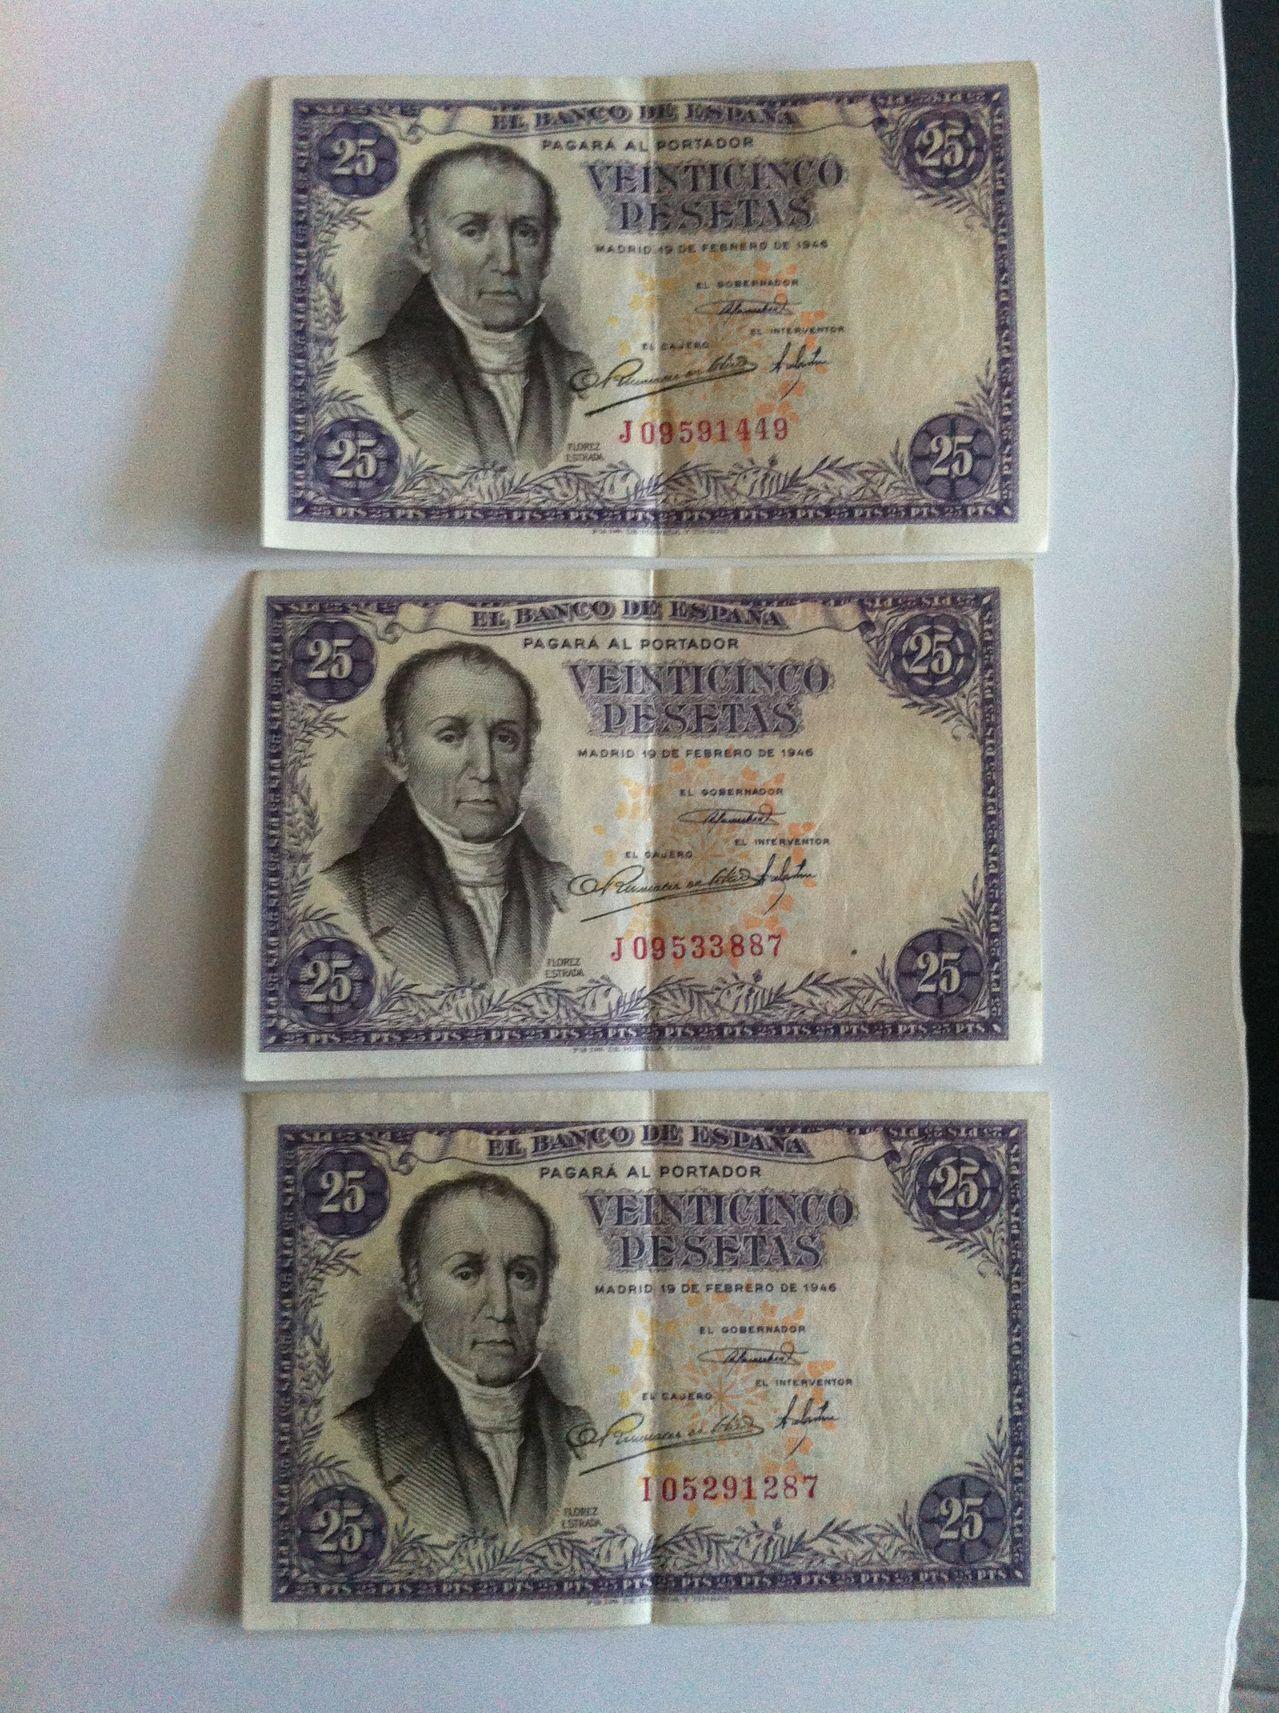 Ayuda para valorar coleccion de billetes IMG_4995